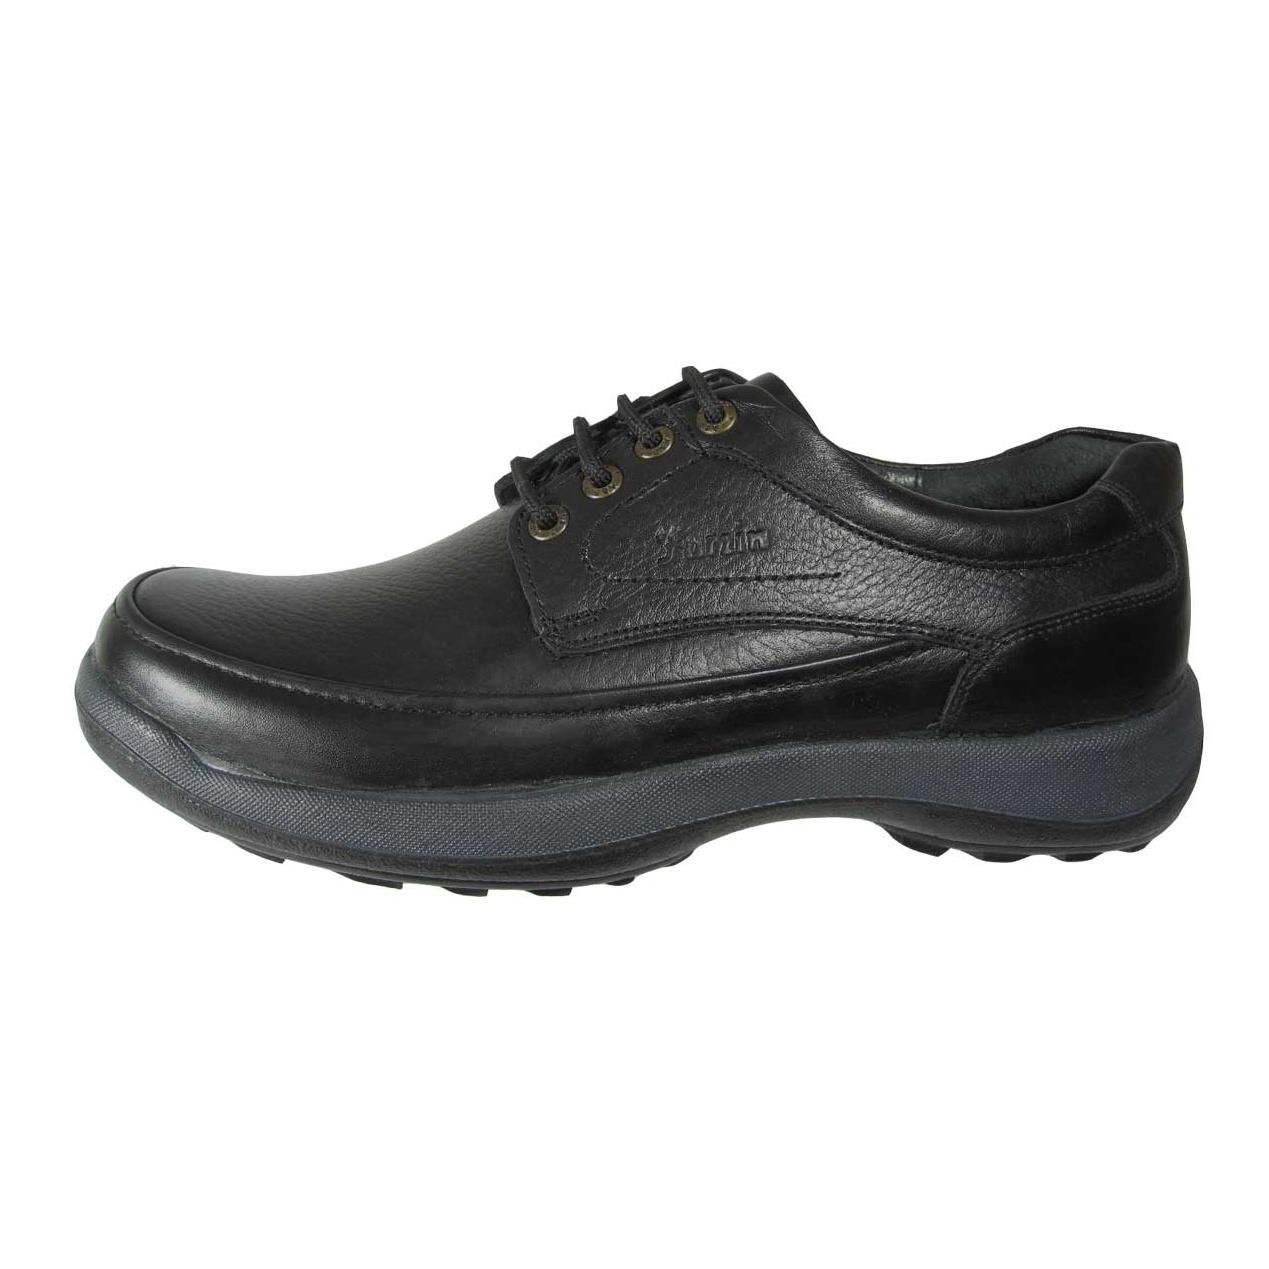 کفش روزمره مردانه فرزین مدل Monaco کد 1240